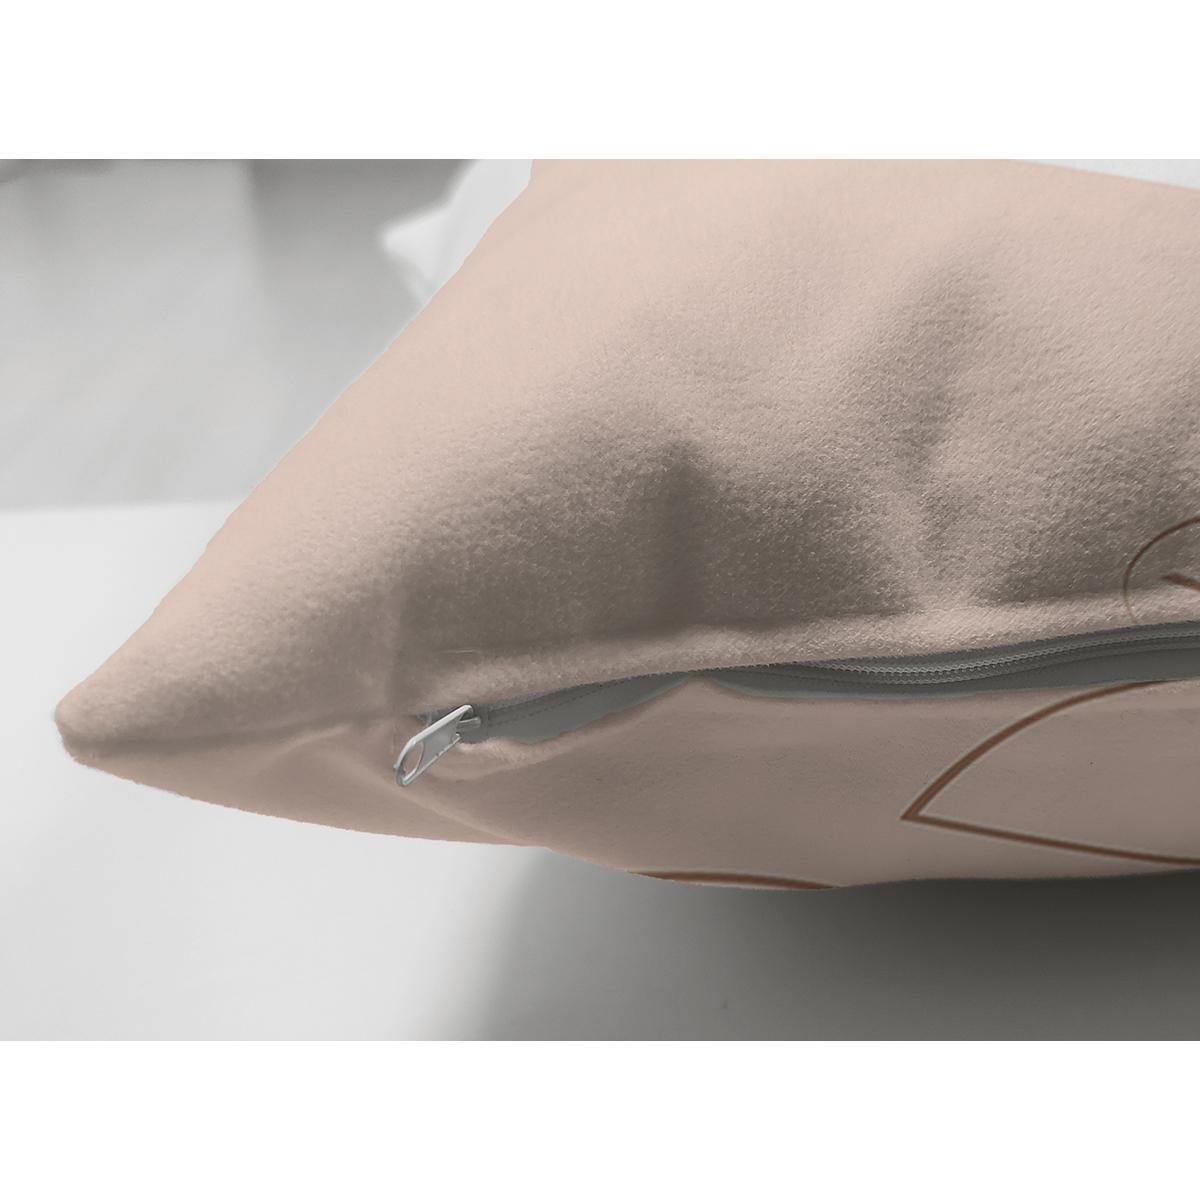 Çift Taraflı Pastel Renkli Yaprak Motifli Dijital Baskılı Modern Süet Yastık Kırlent Kılıfı Realhomes